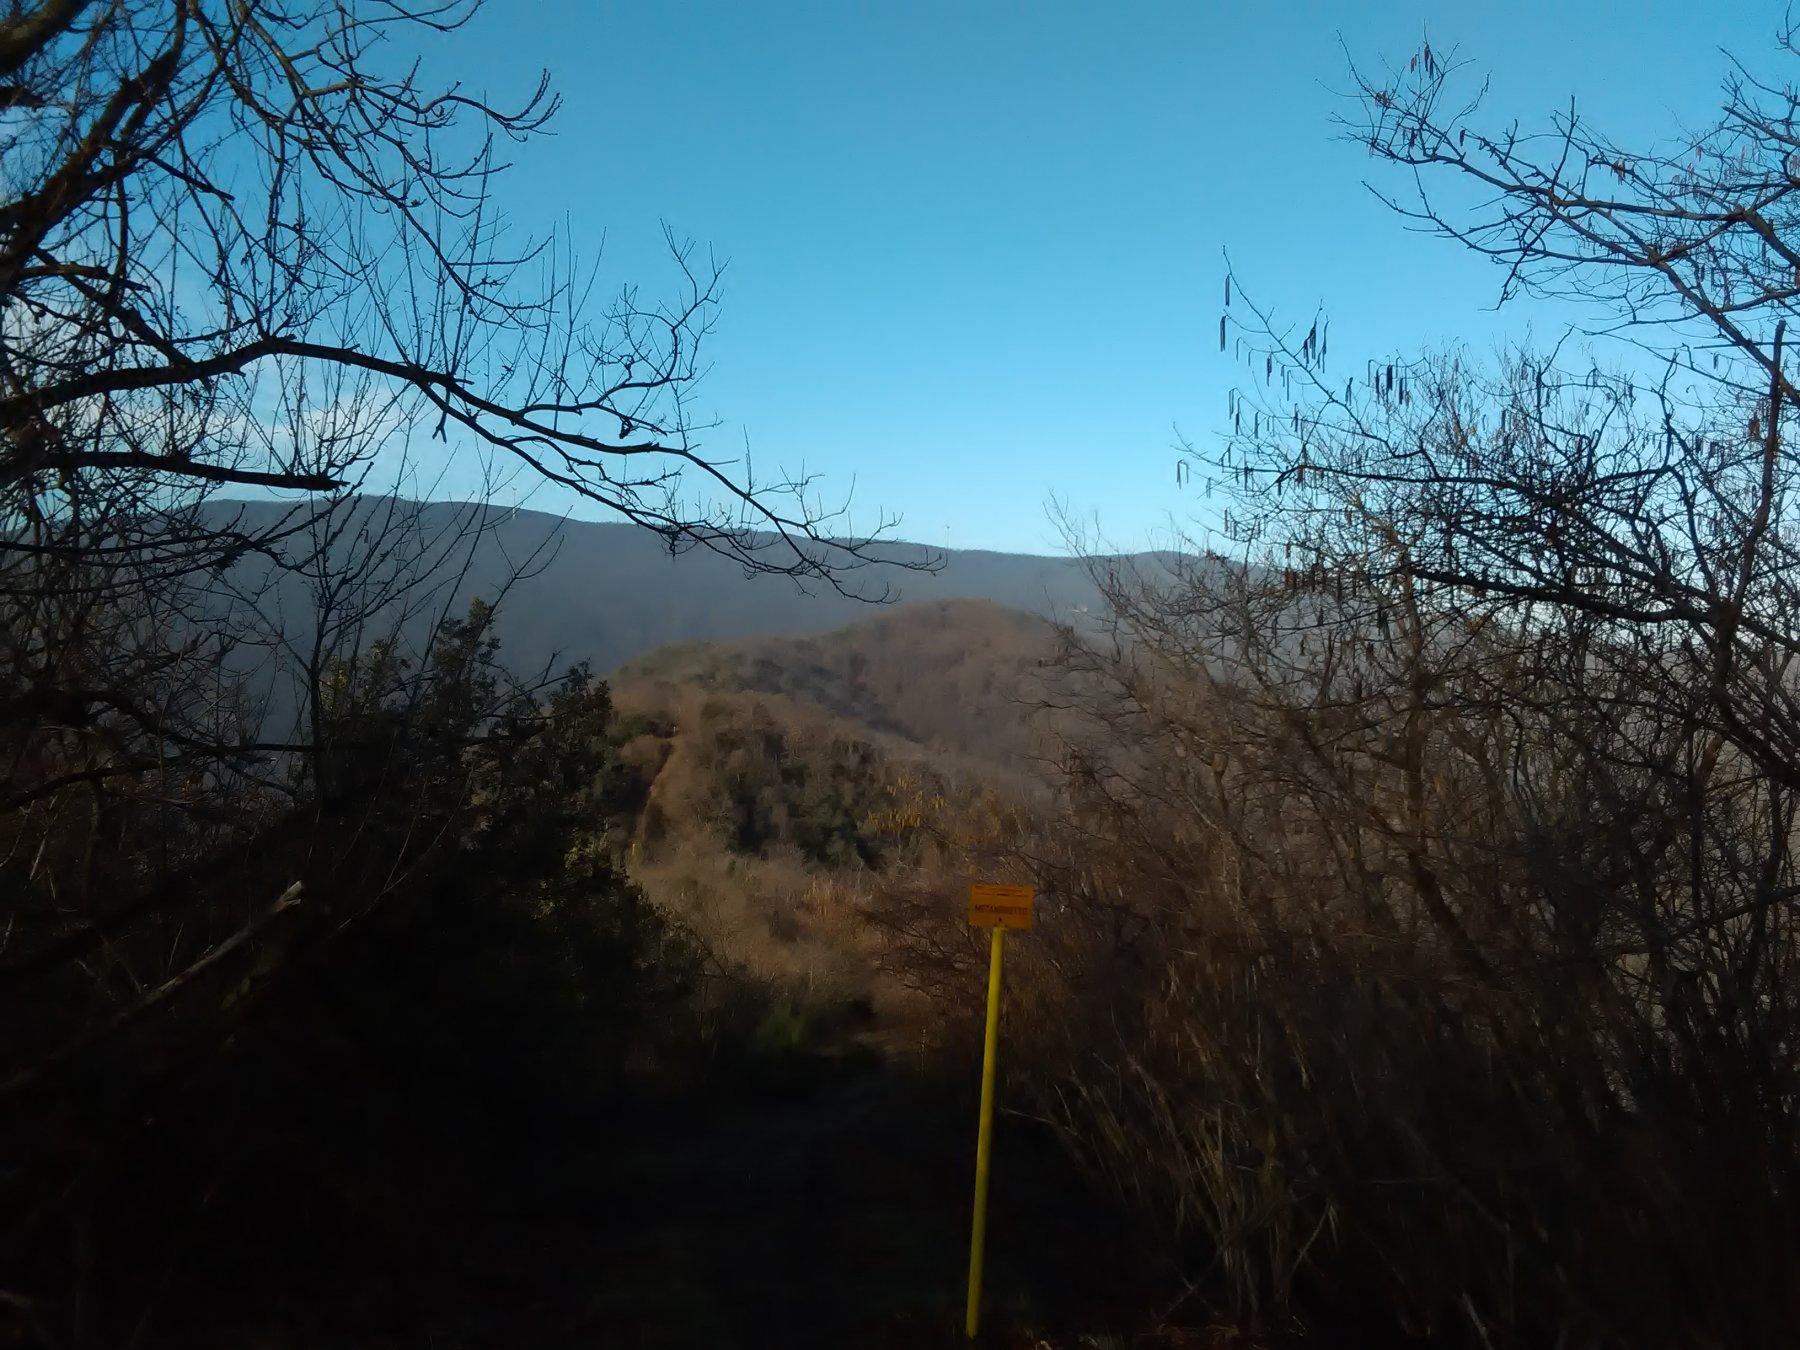 Baraccone (Monte) da Altare per Quiliano e Roviasca, giro 2020-02-11